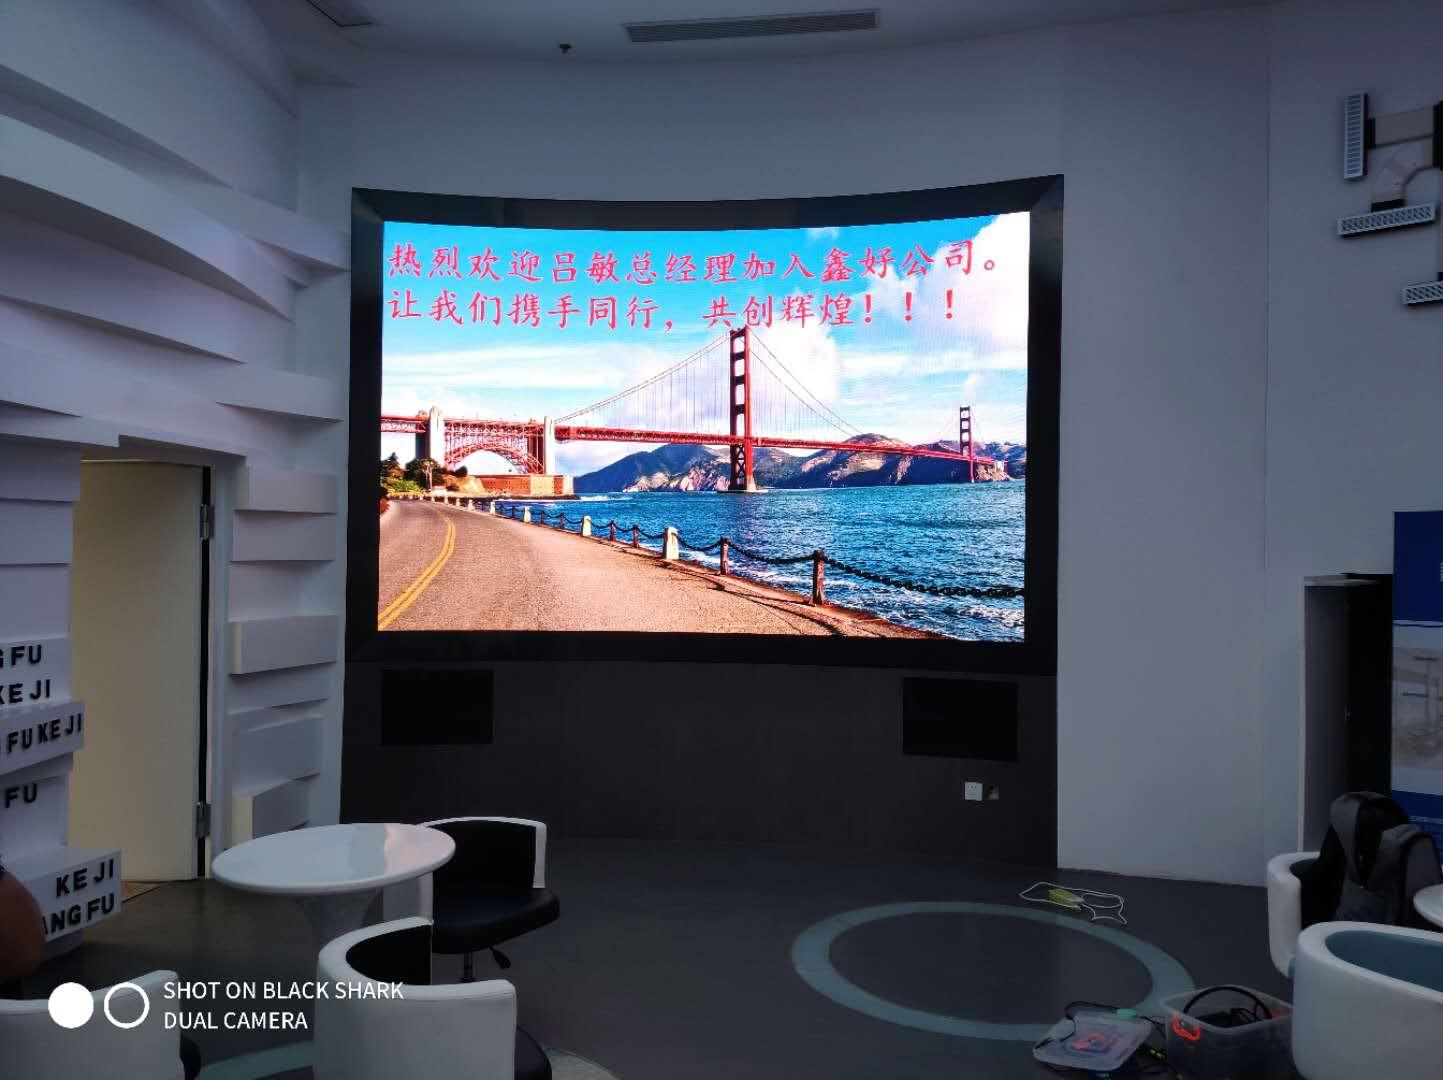 知名LED大屏幕哪家专业 欢迎来电「上海谙显电子技术供应」